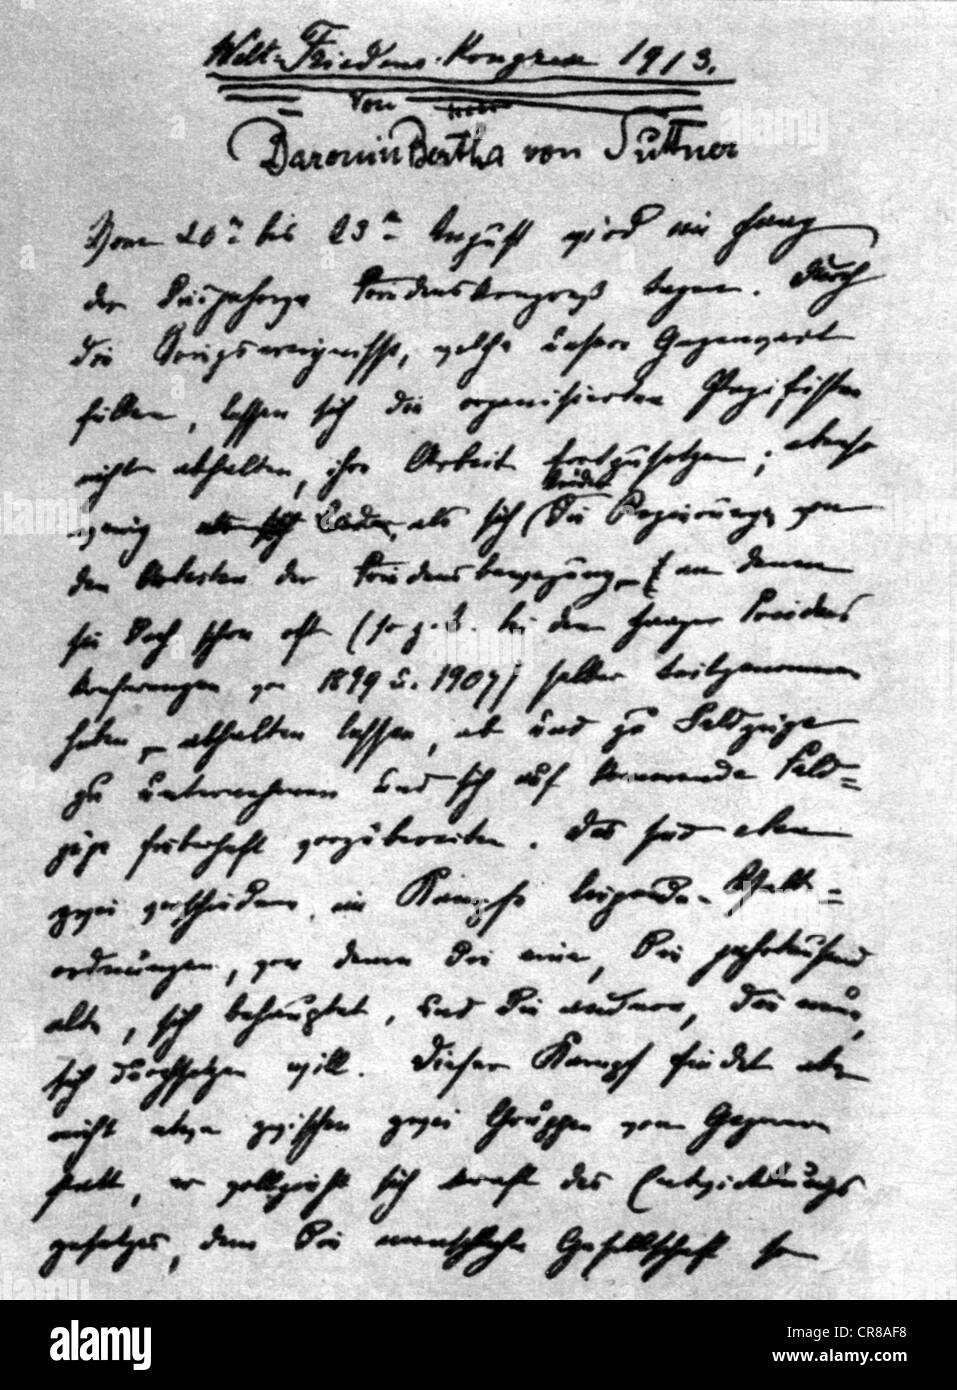 Suttner, Bertha von, 9.6.1843 - 21.6.1914, austriaco pacifista e scrittrice, calligrafia, manoscritto per il Congresso Immagini Stock